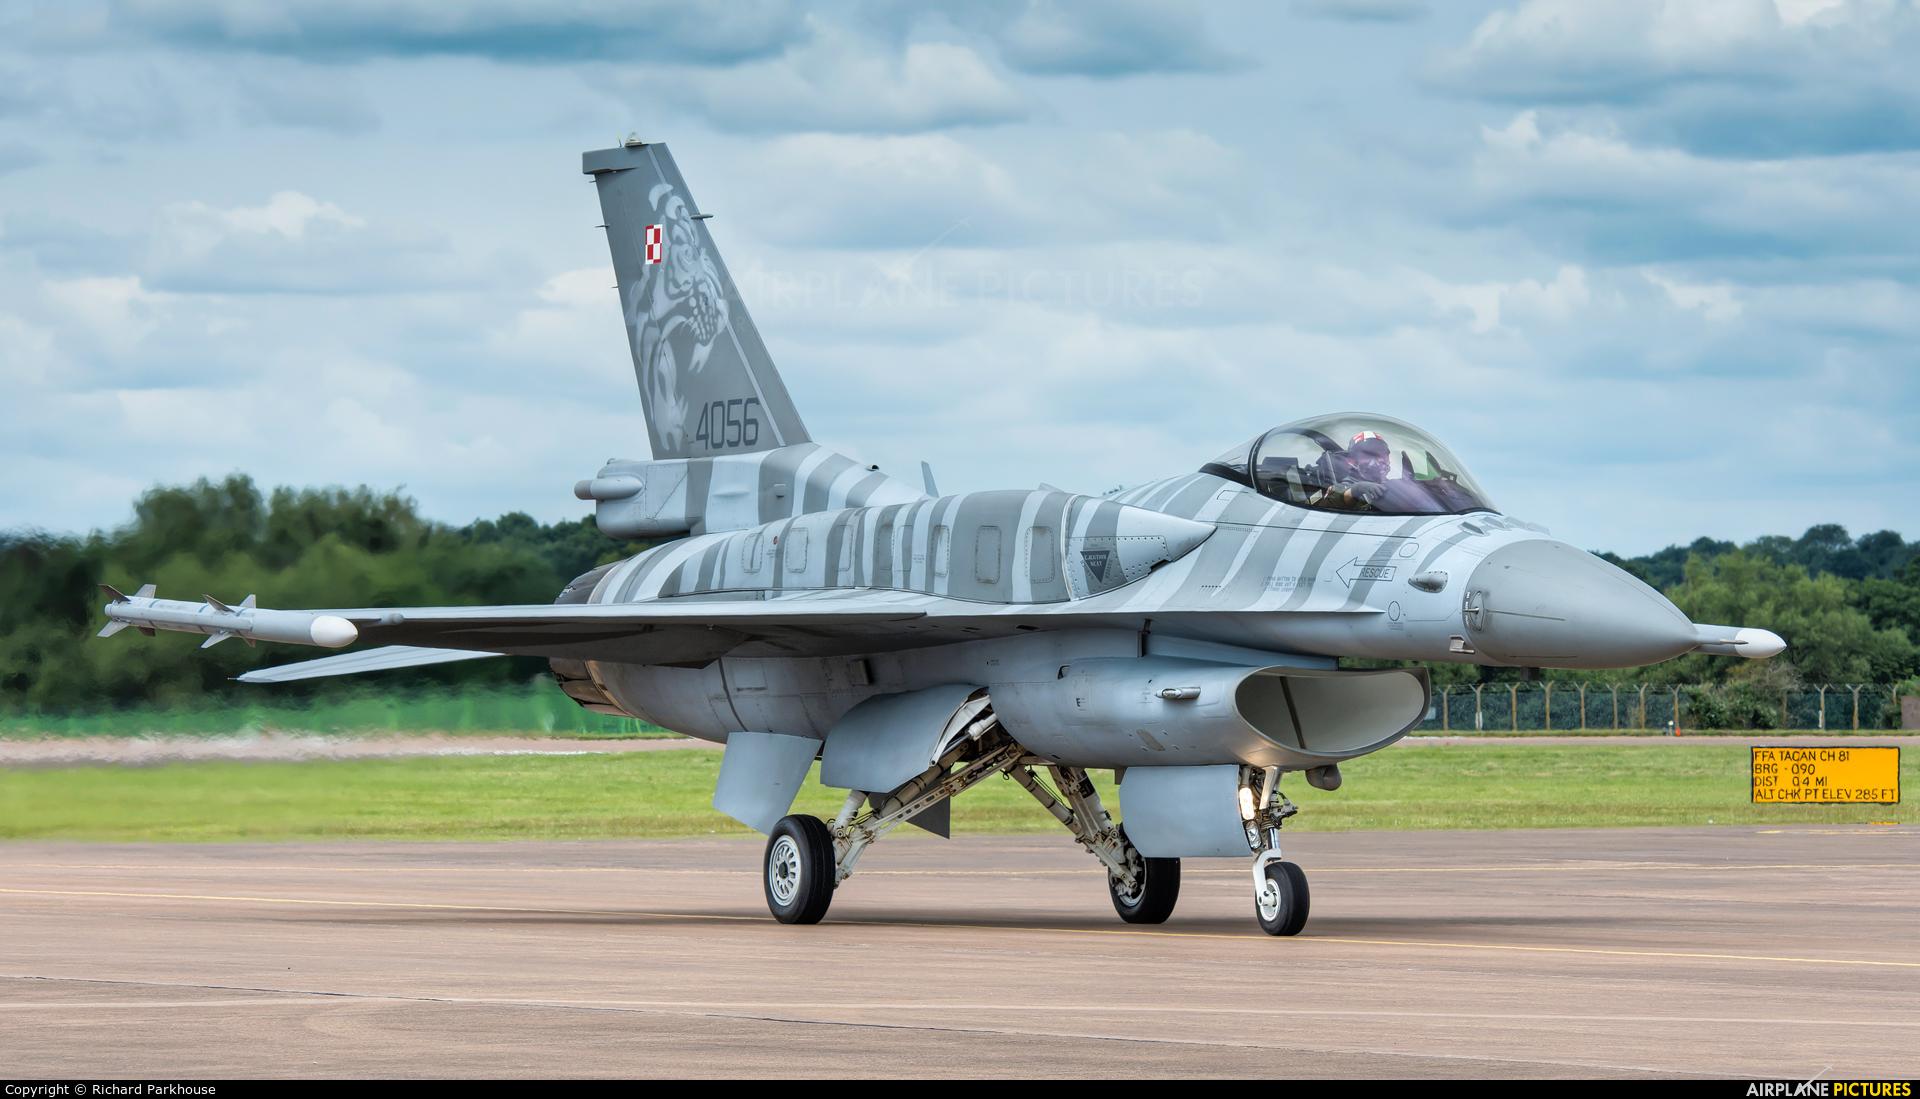 Poland - Air Force 4056 aircraft at Fairford